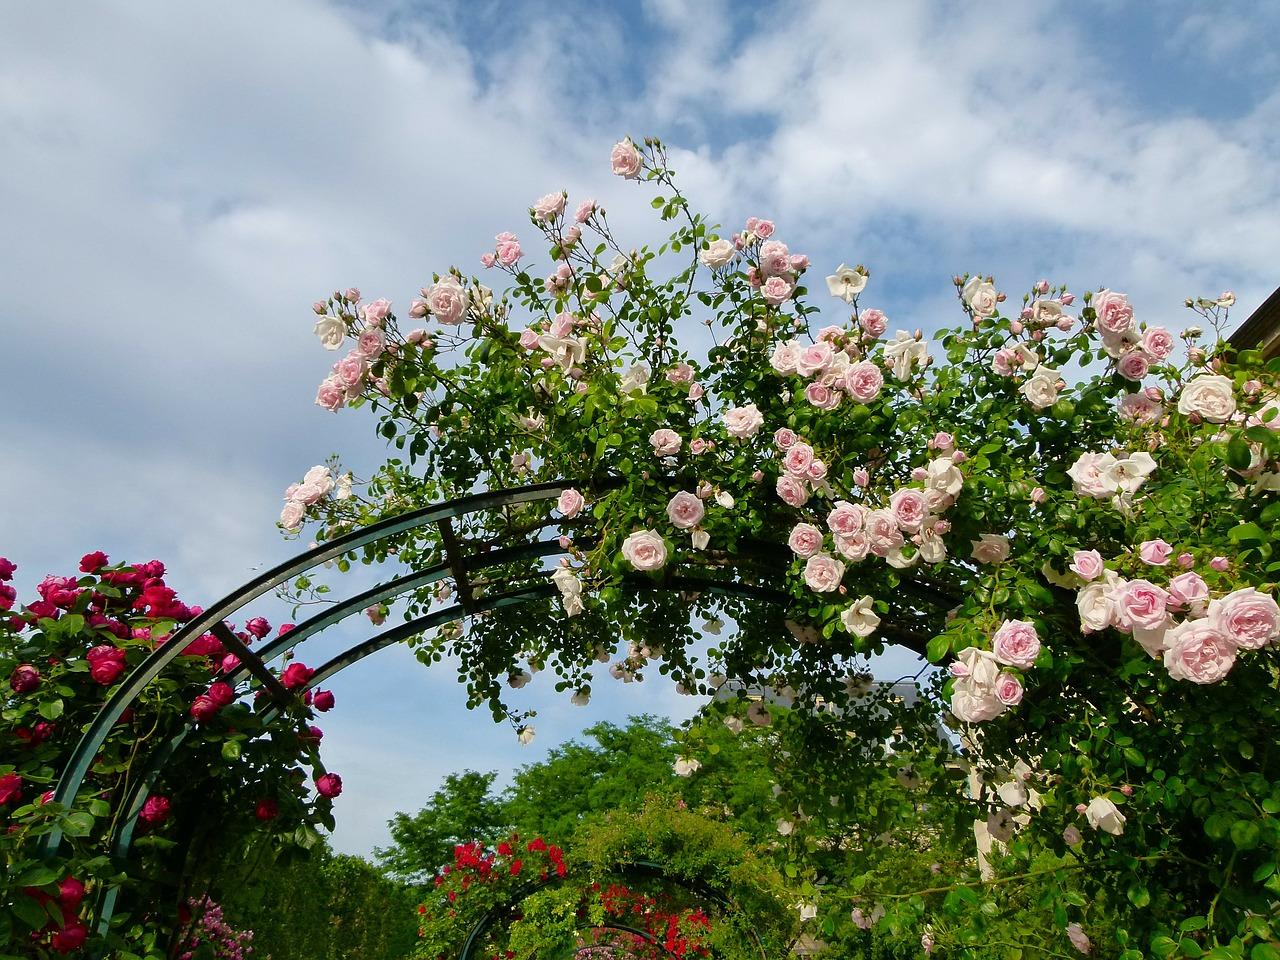 шпалерные розы фото стремительно набирает